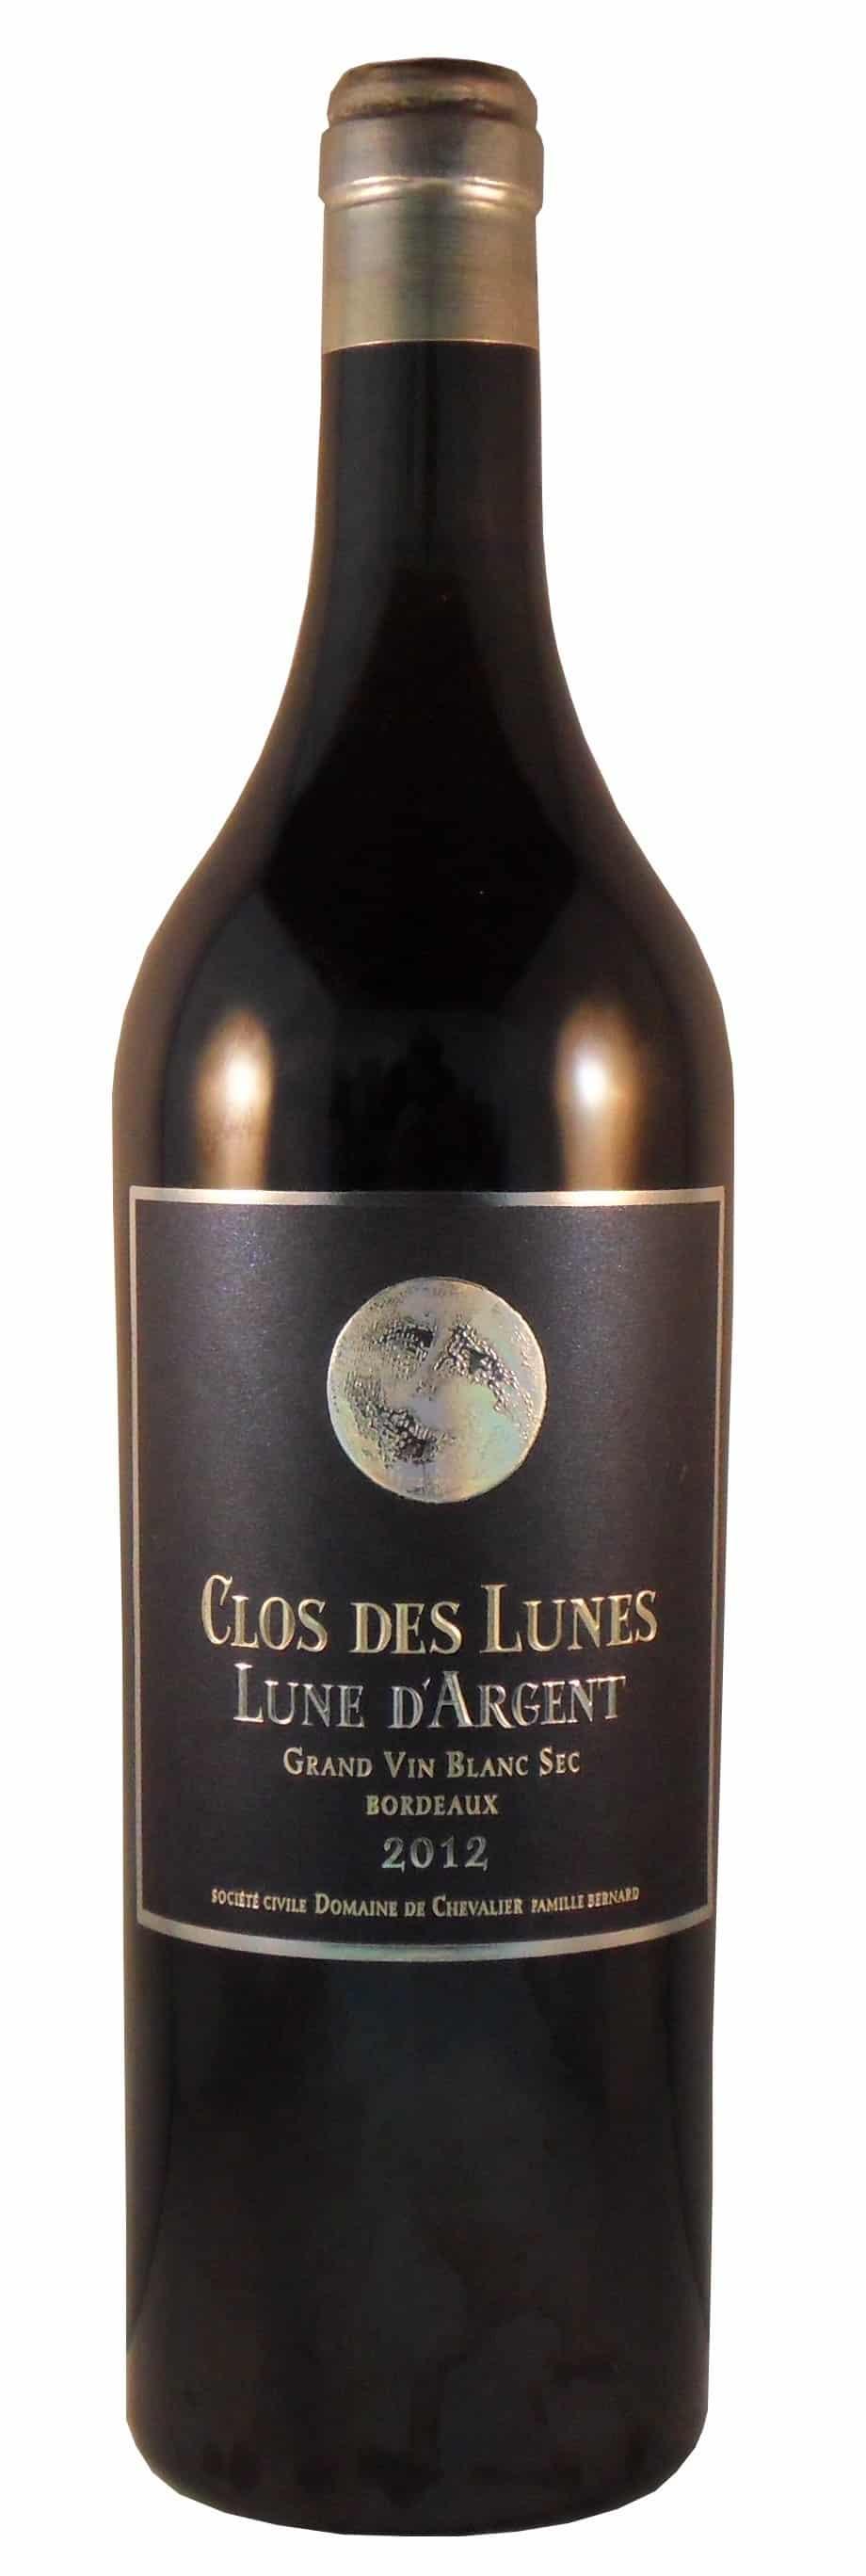 Clos des Lunes Lunes d'argent 2012 offre